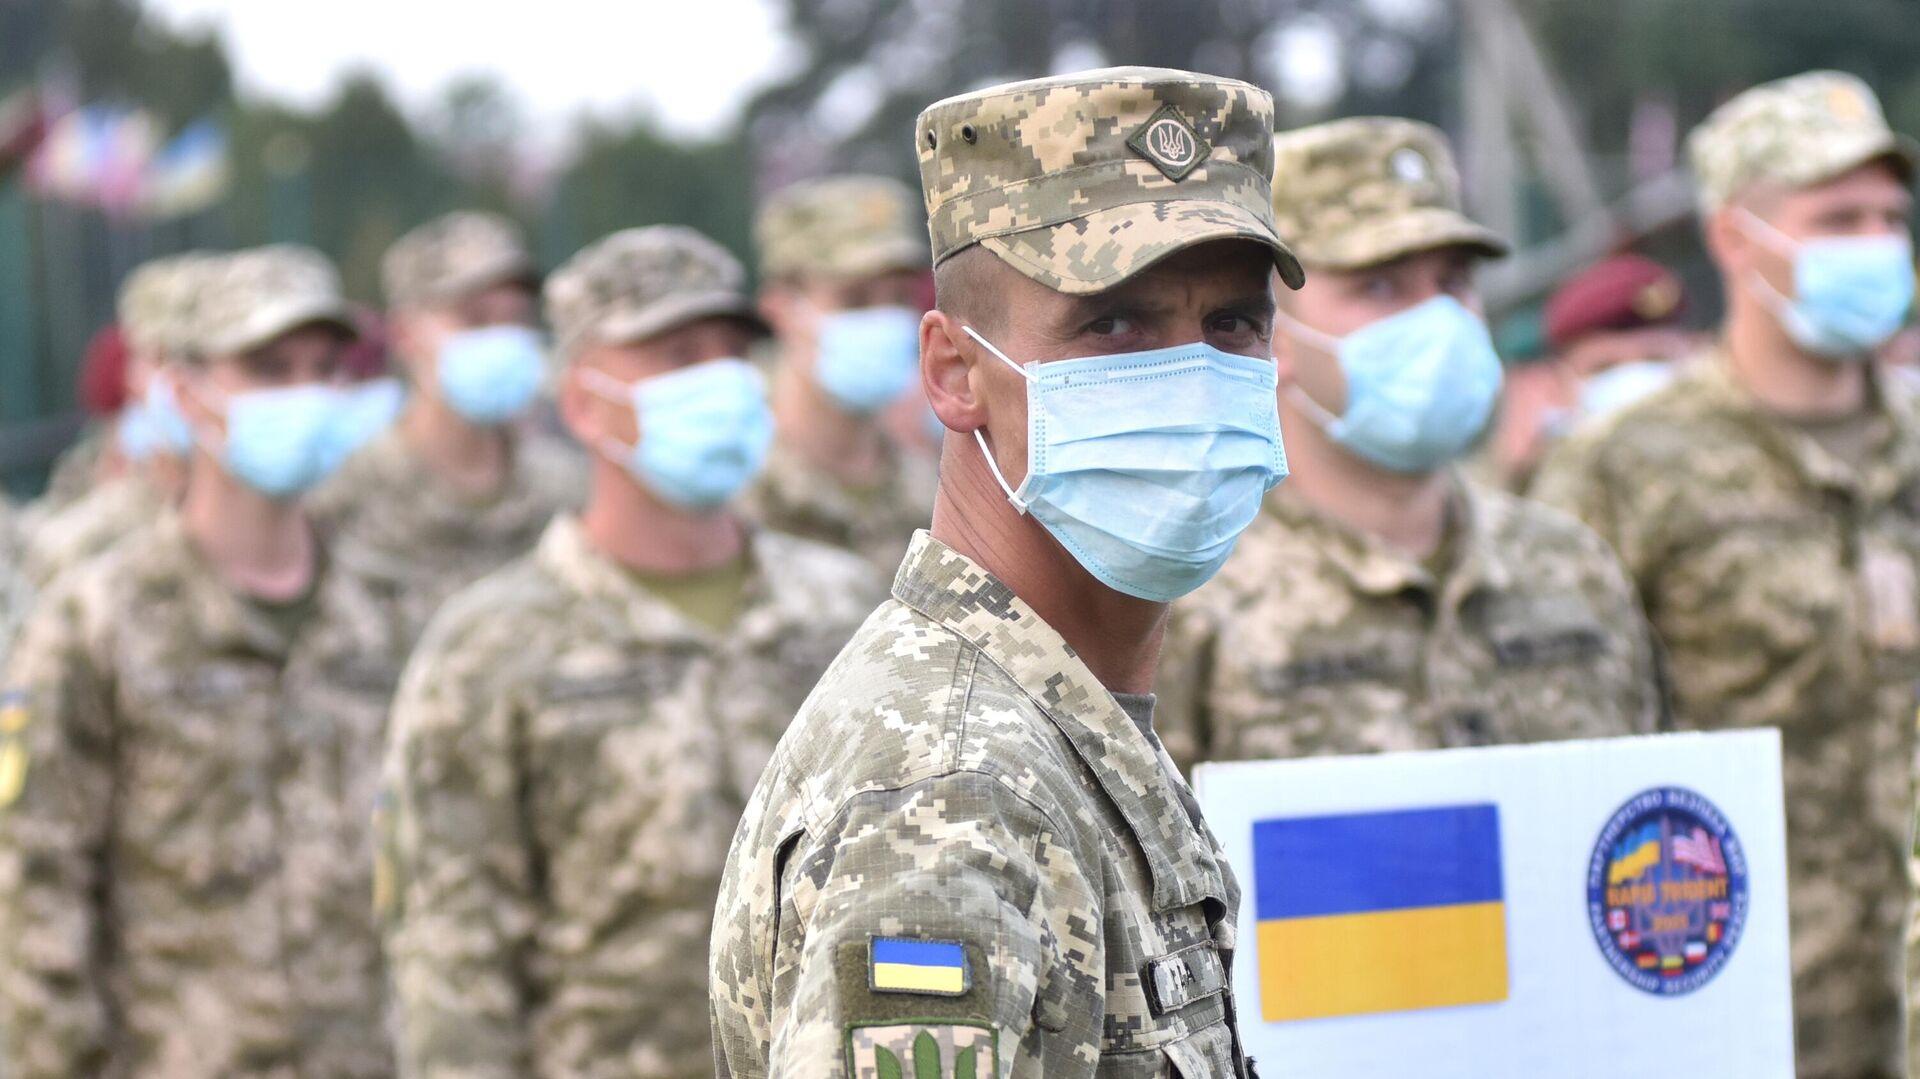 Военнослужащие Украины на церемонии открытия военных совместных военных учений Украины и стран НАТО Rapid Trident-2020 - РИА Новости, 1920, 02.04.2021